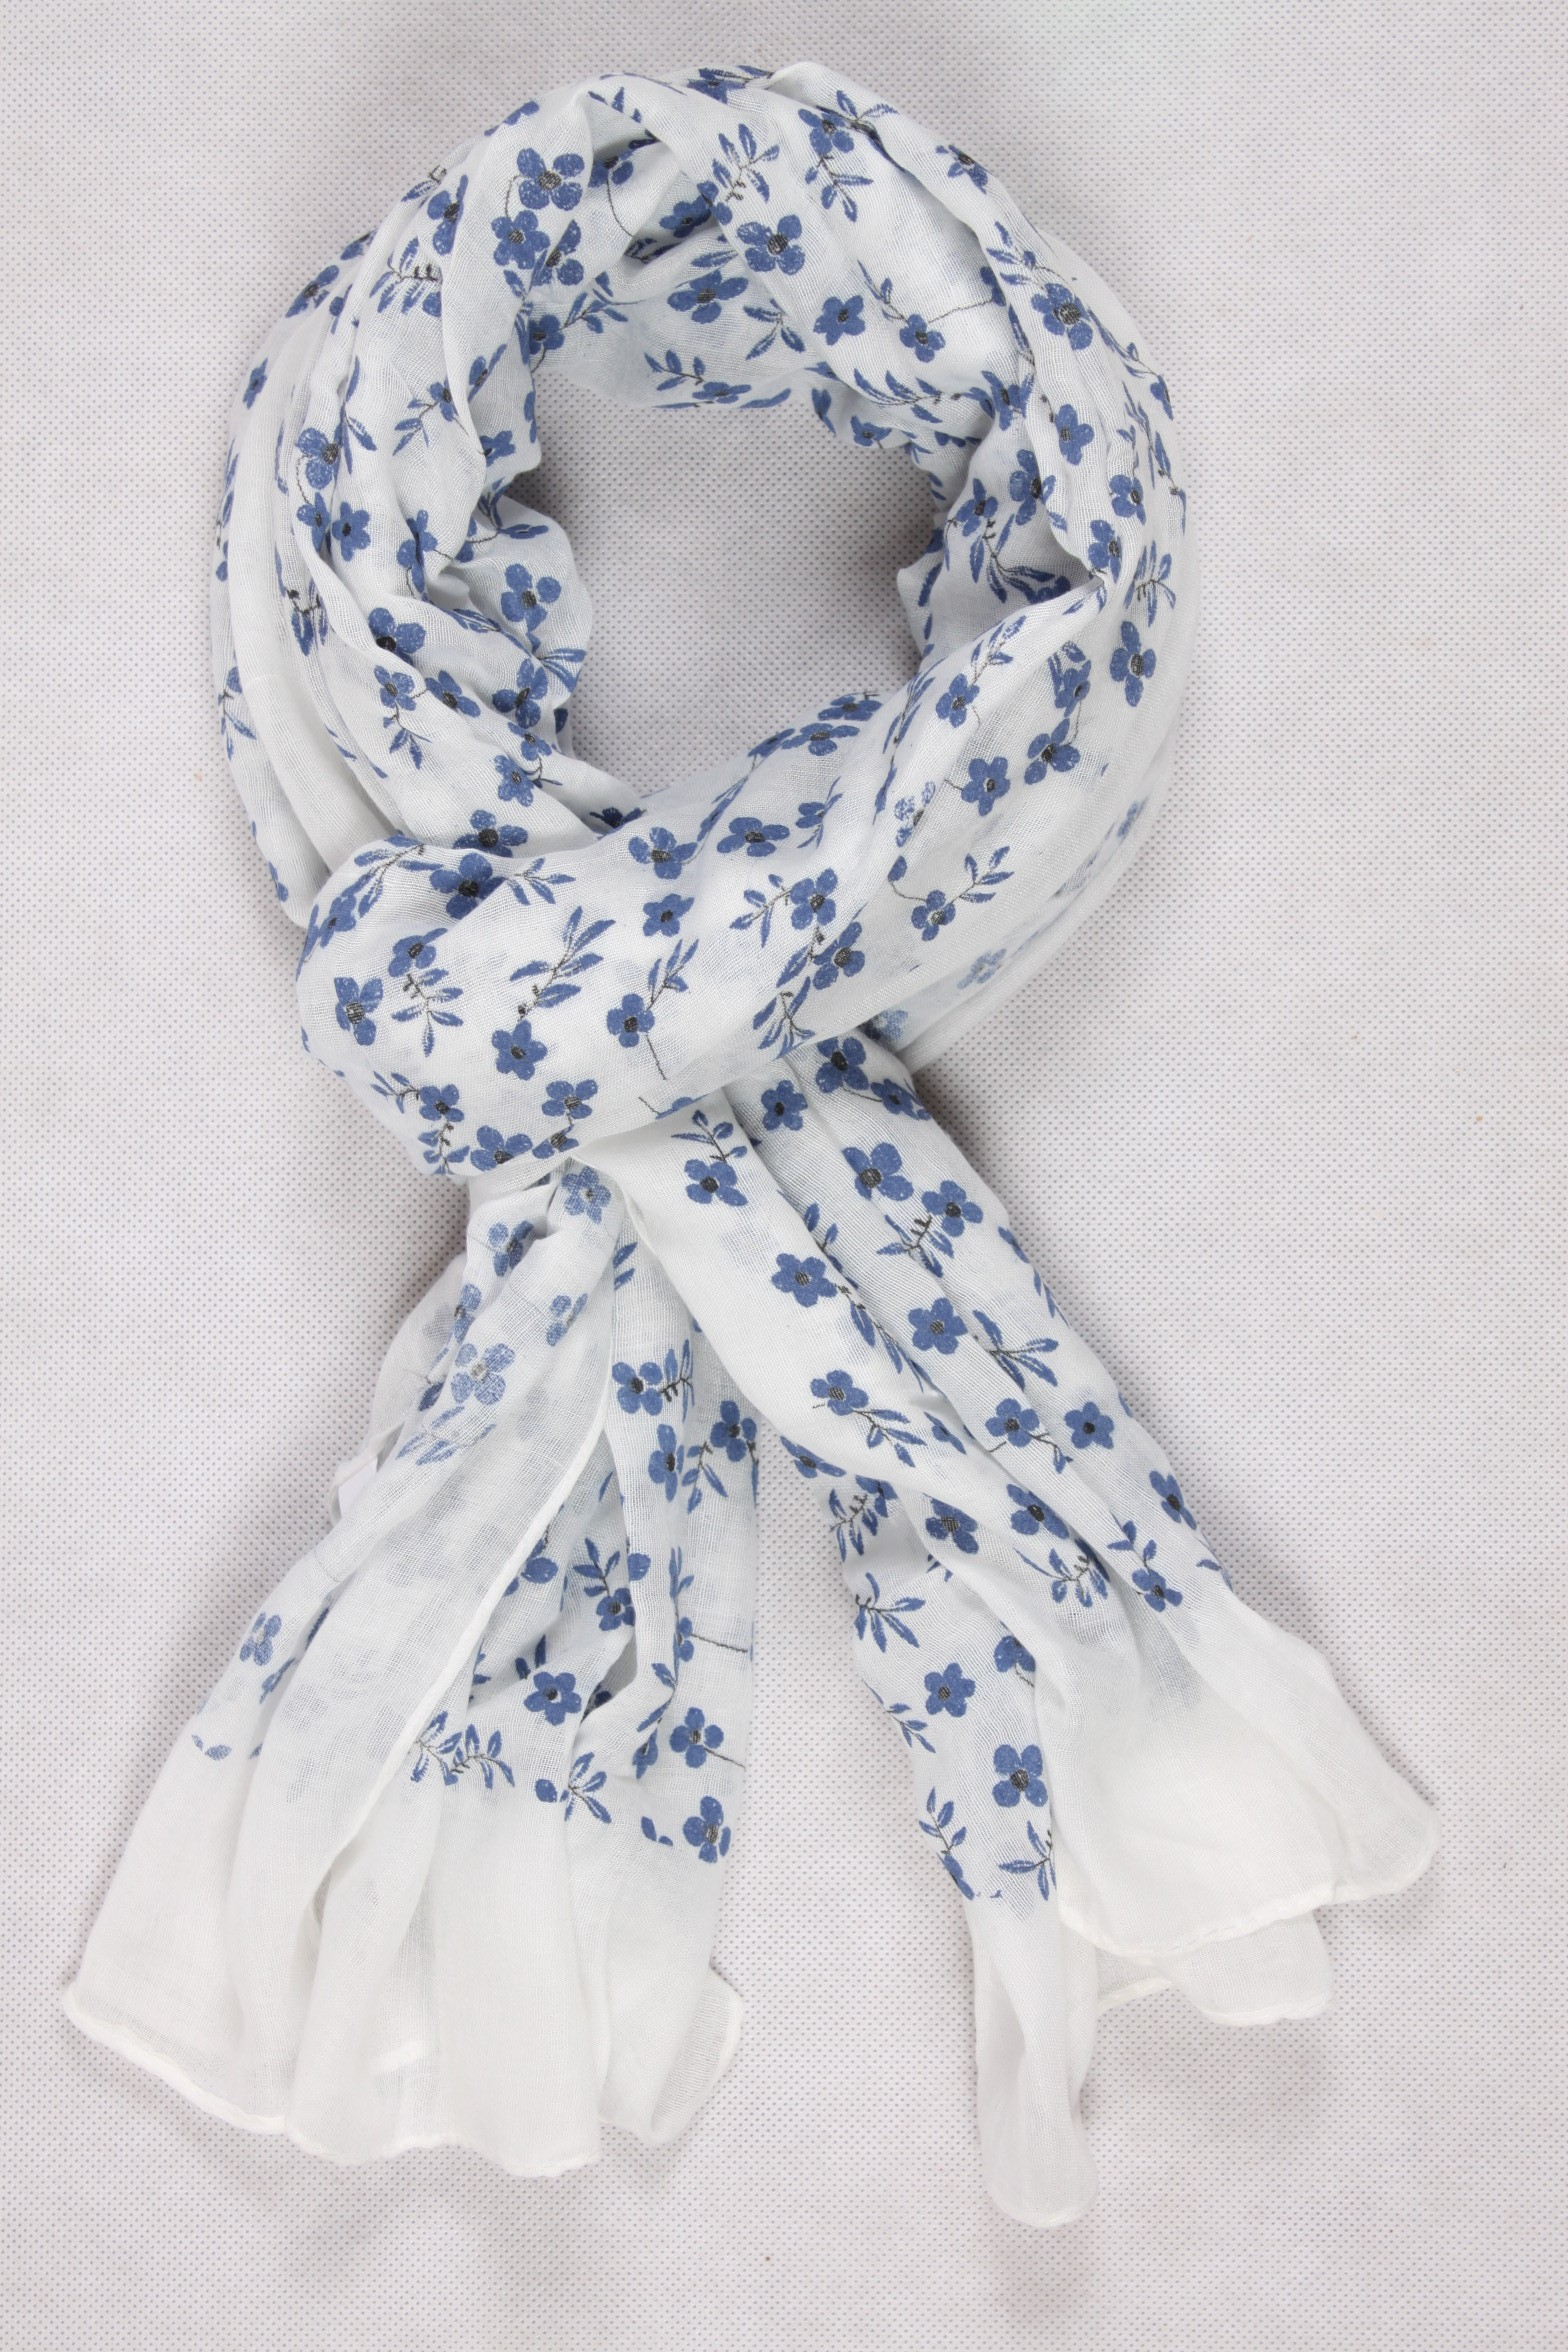 Chèche blanc - Foulard Du Monde 701144ac885